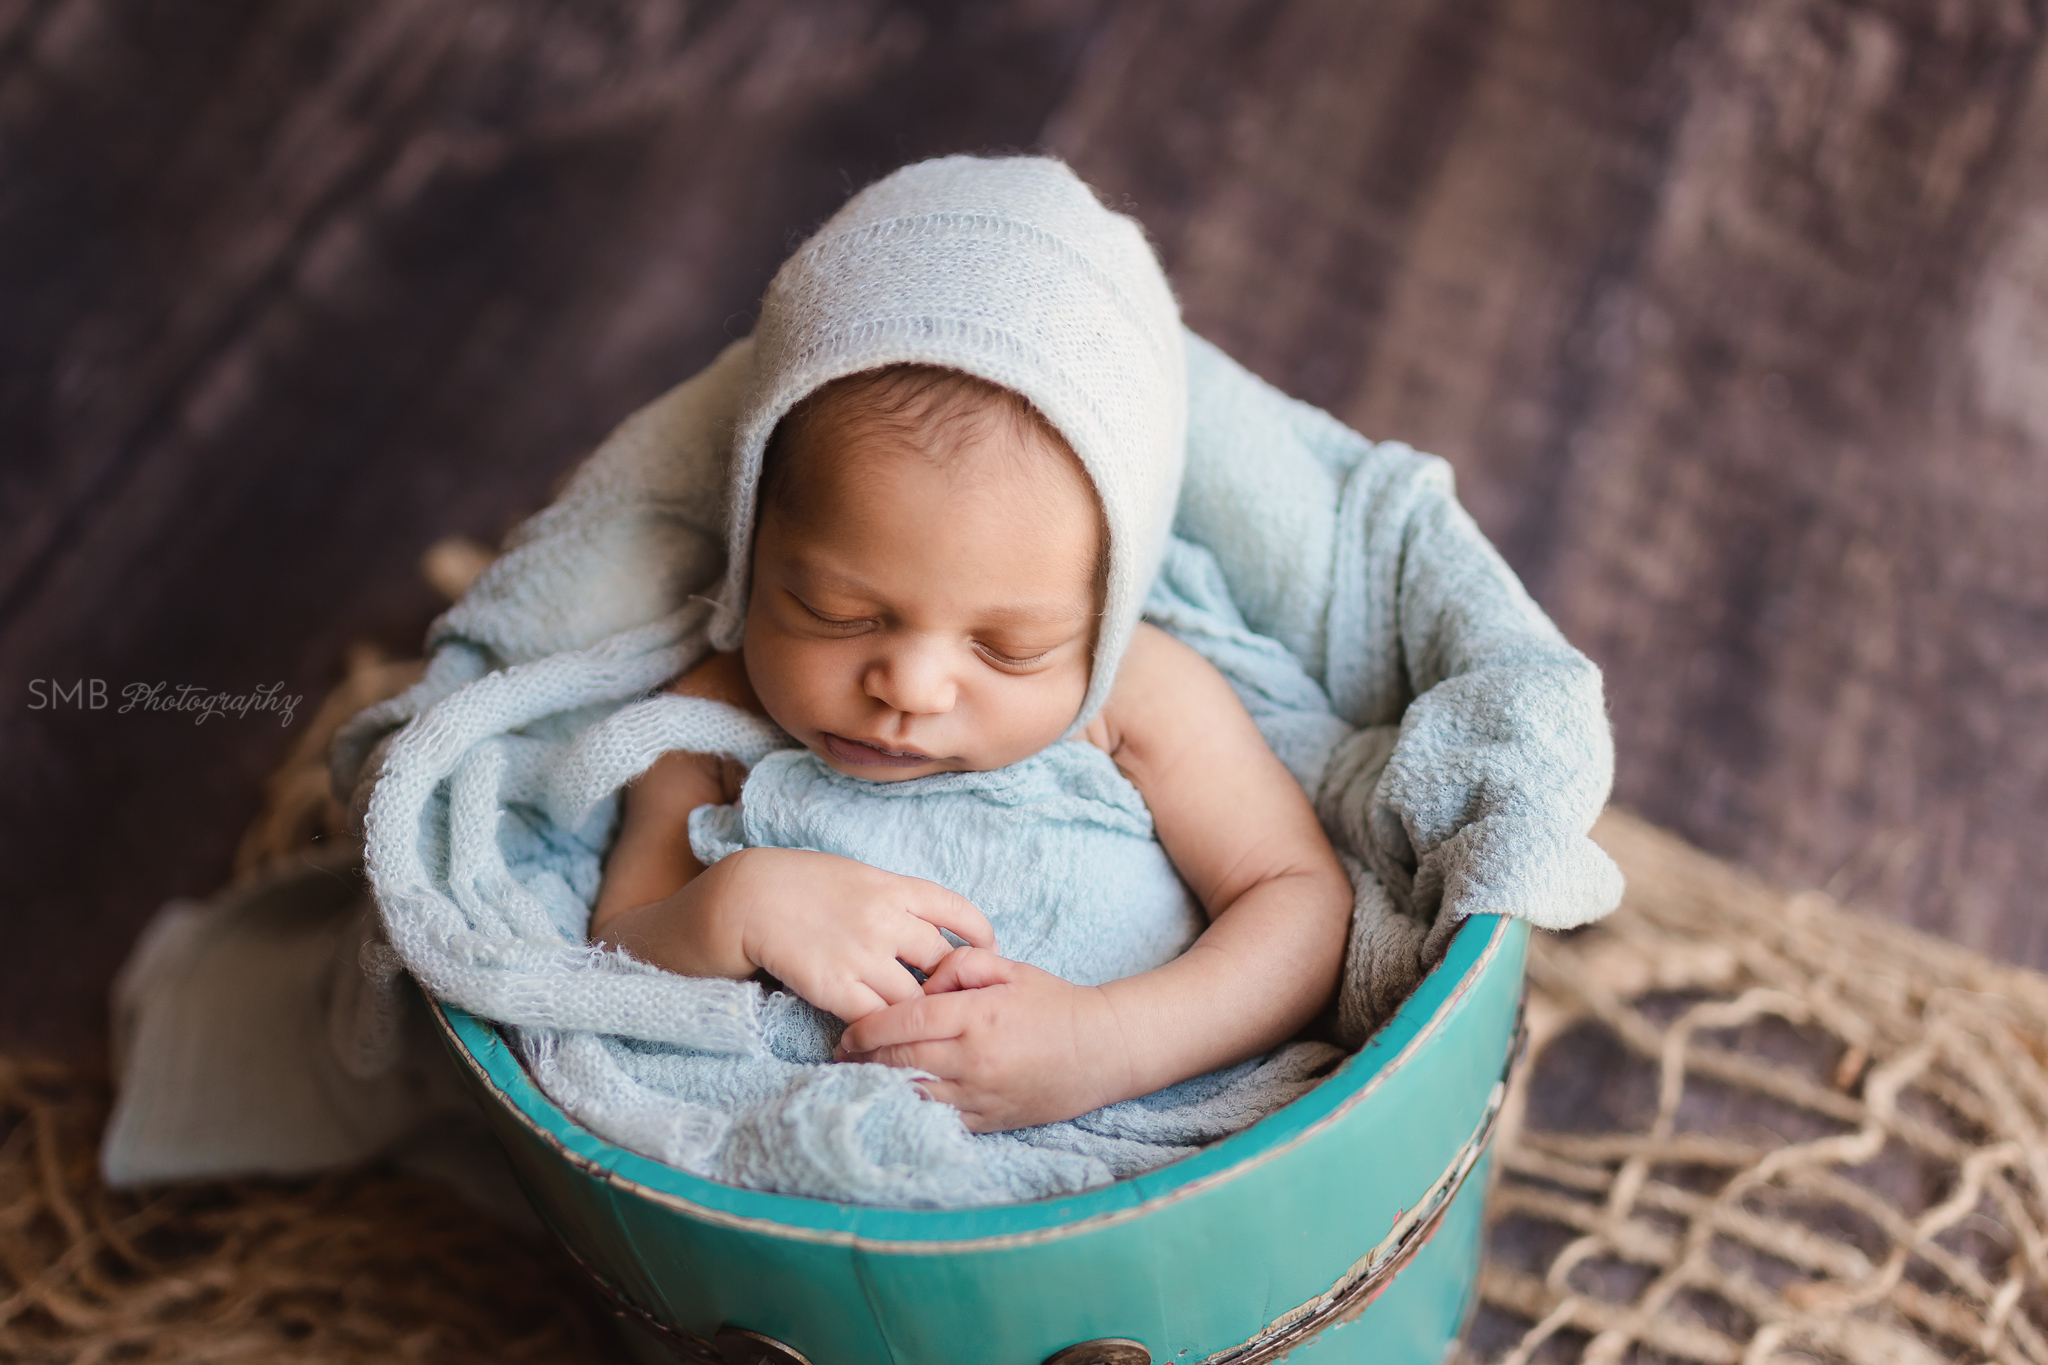 Baby boy sleeping in teal bucket